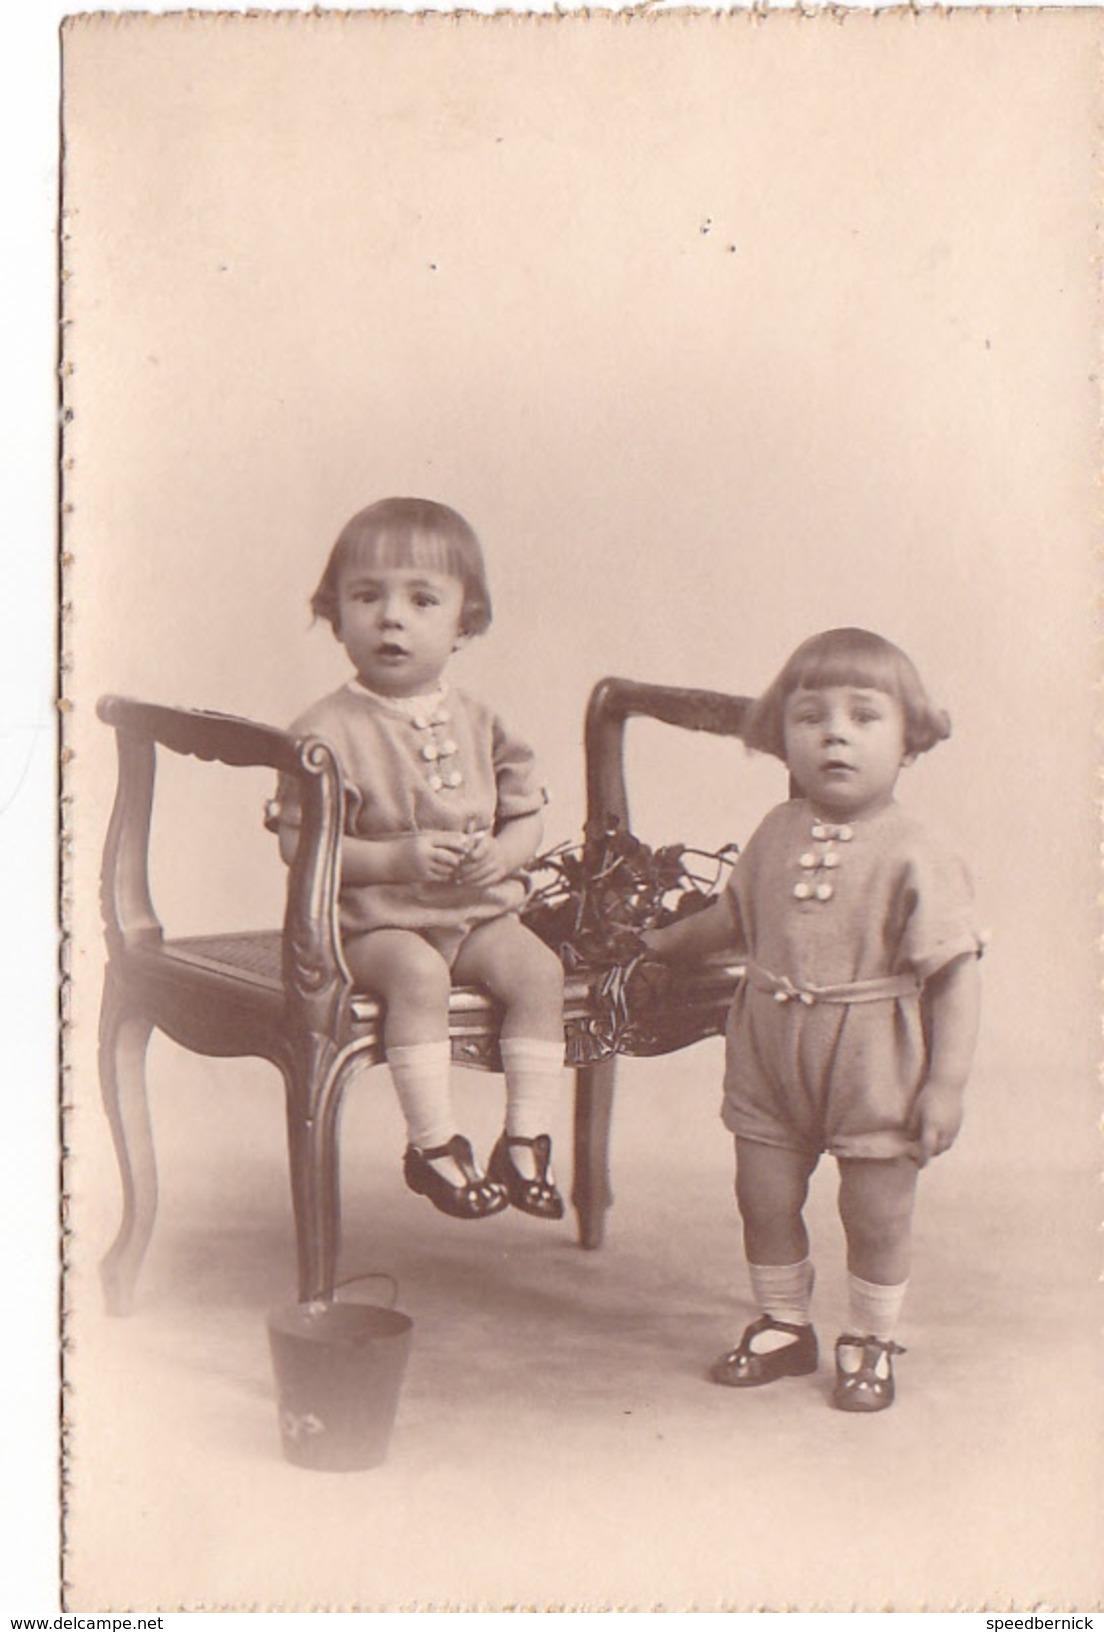 26001 Carte Photo Enfant Frere - Faux Jumeaux - Garcon Children- Belgique Vers 1920 -photographe  Timmermans Bruxelles- - Portraits